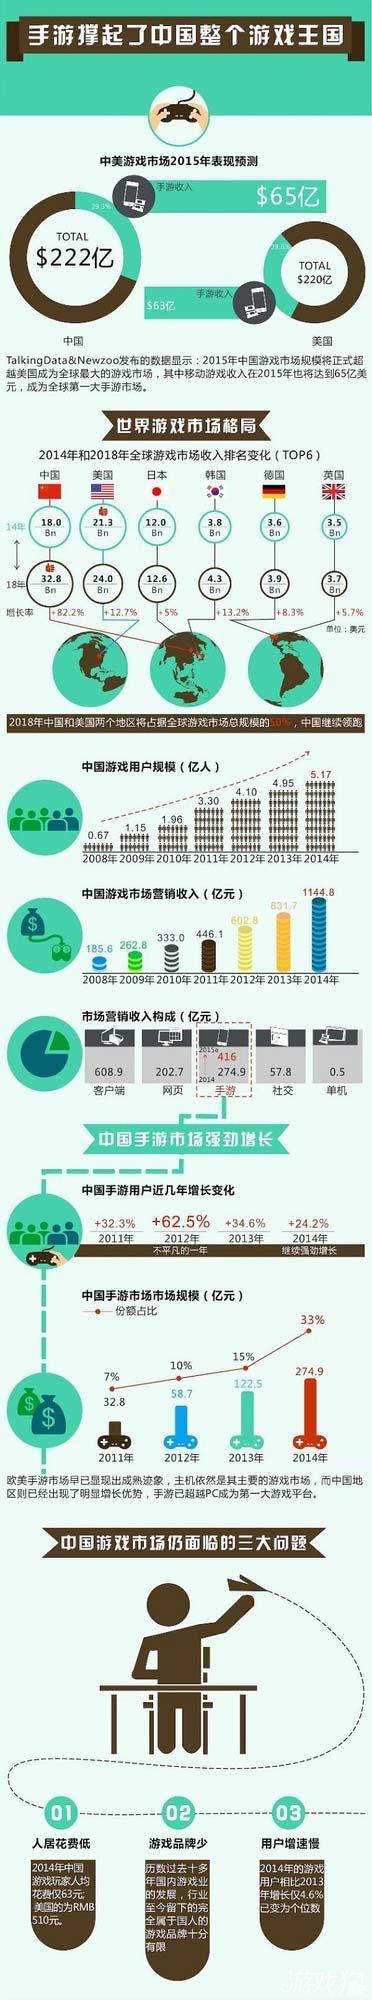 2015年中国游戏市场规模将正式超美国成全球最大游戏市场